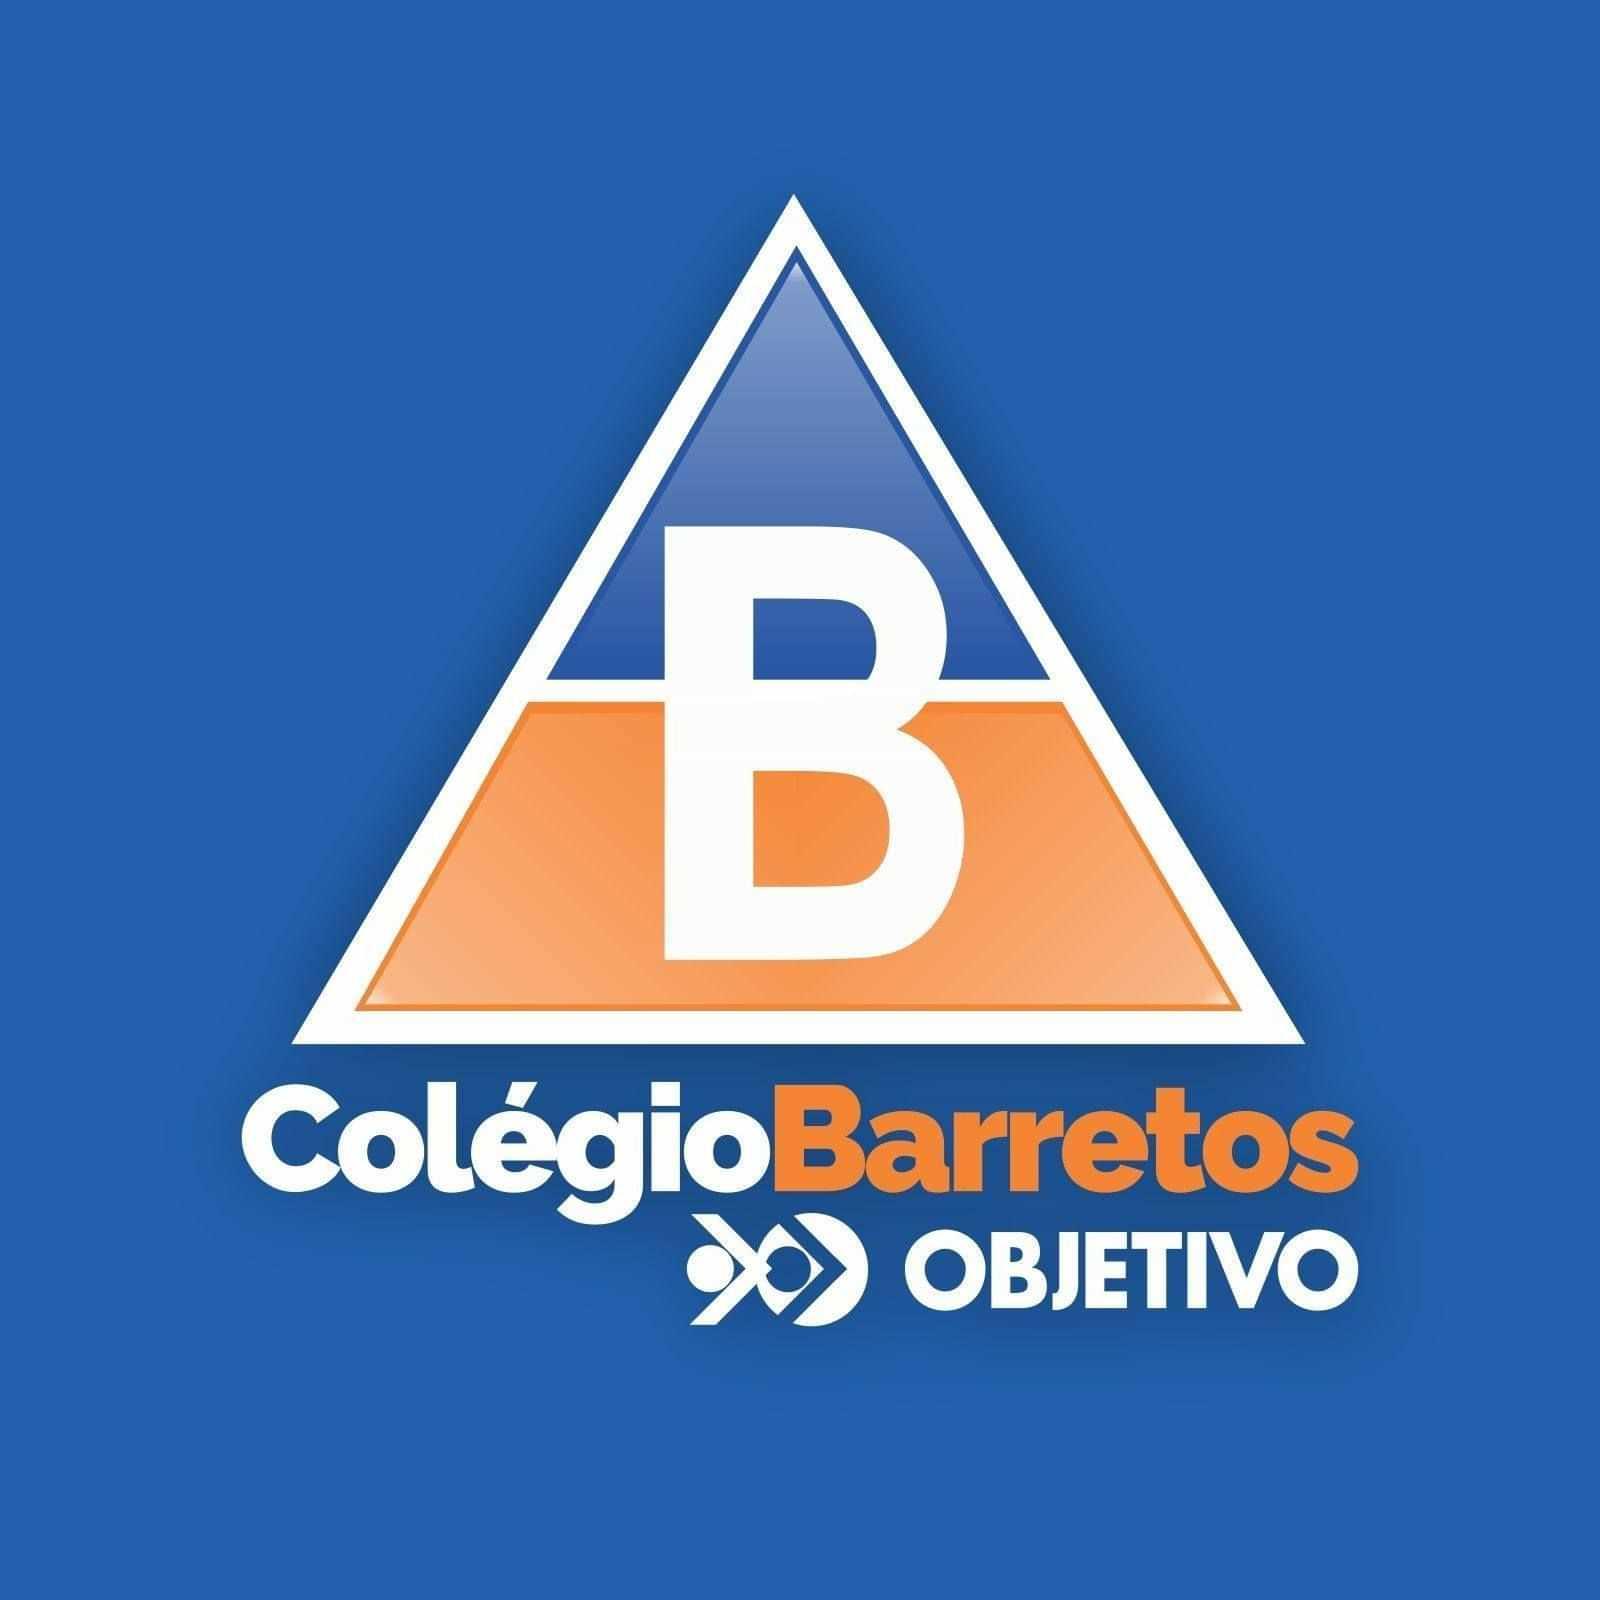 Barretos Colégio